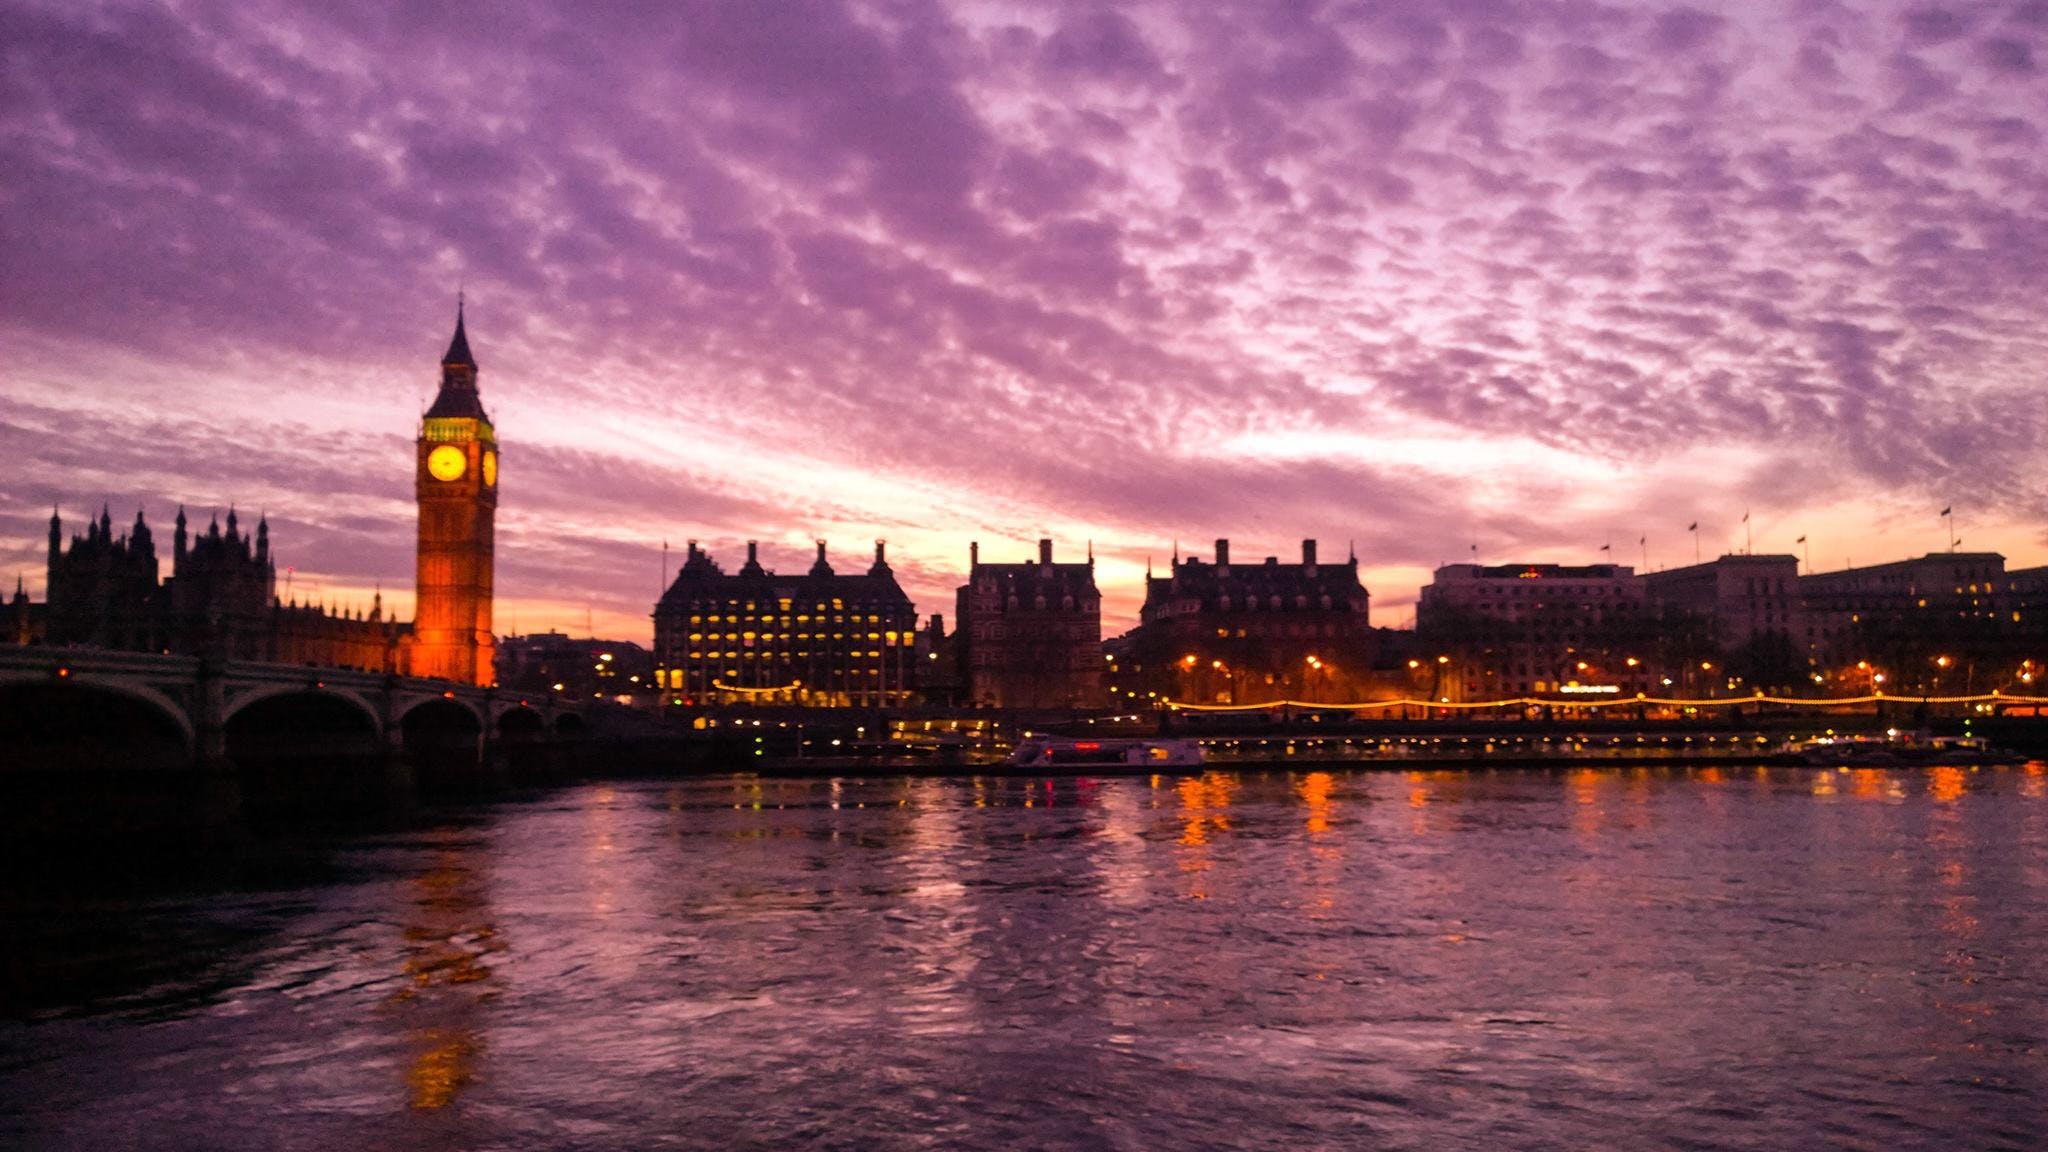 Základová fotografie zdarma na téma architektura, Big Ben, budovy, hodinová věž